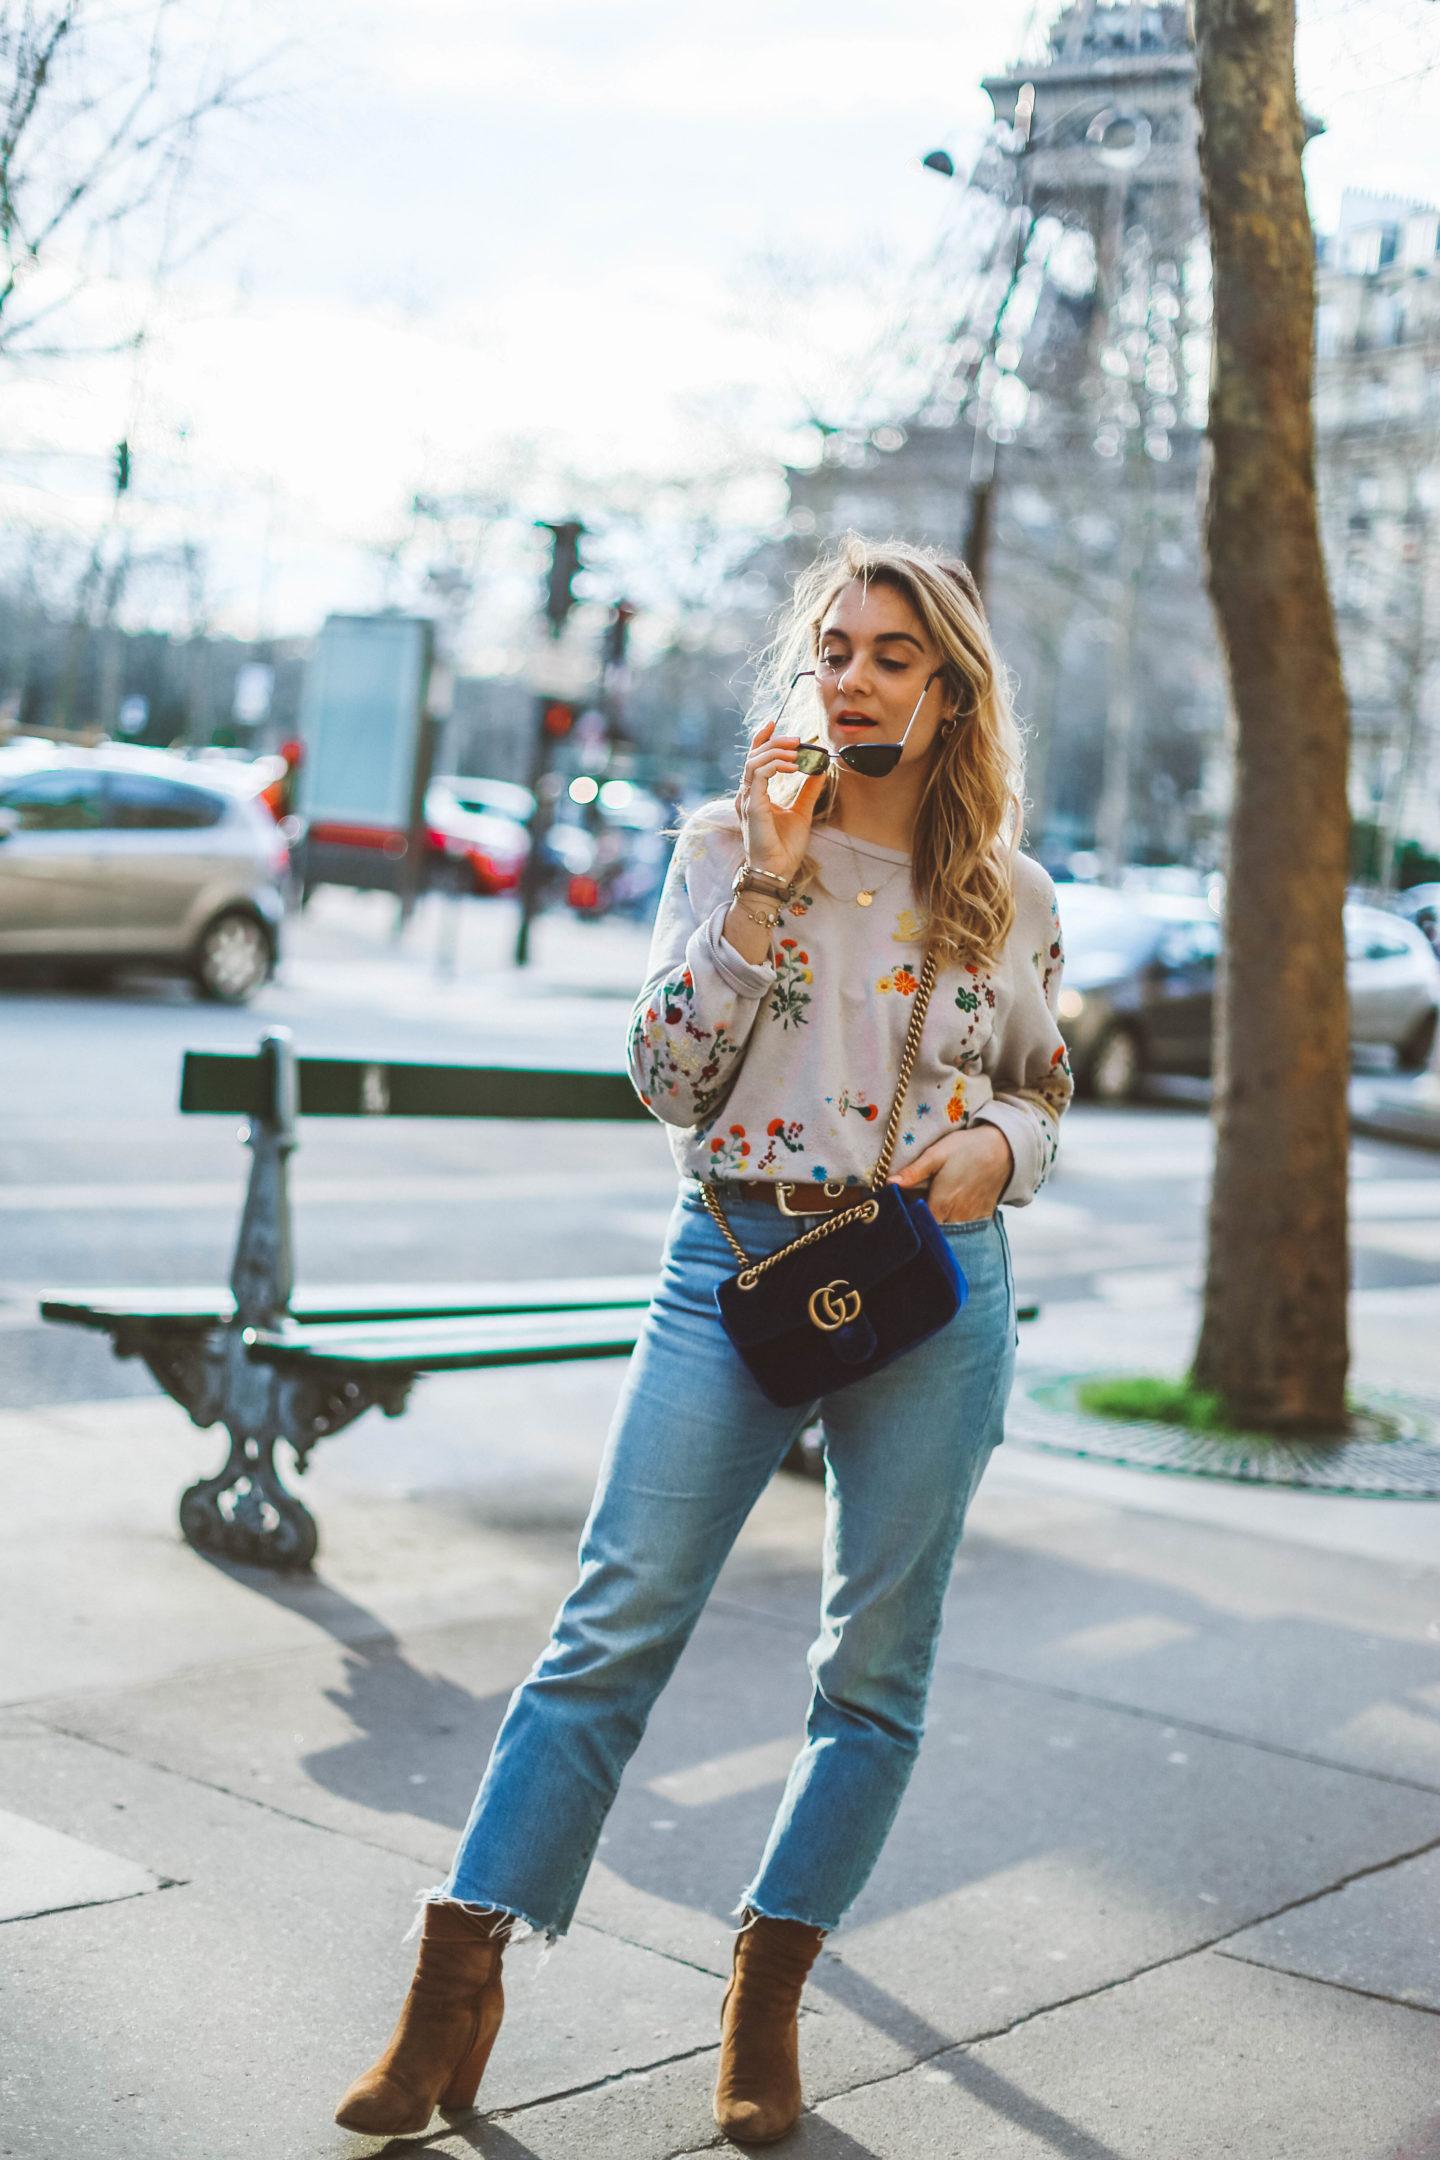 Pull Leon & Harper - Blondie Baby blog mode et voyages